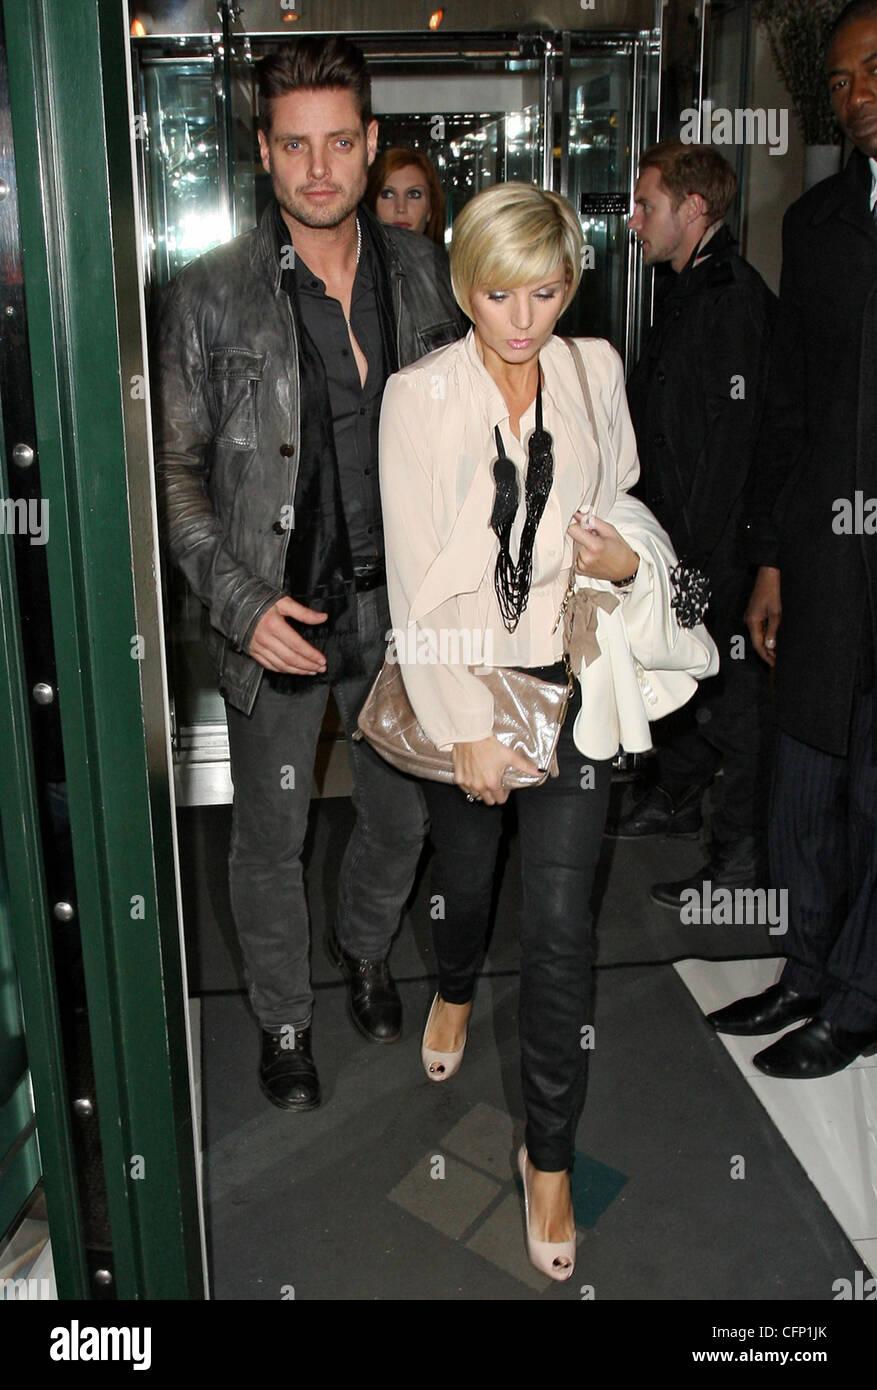 Boyzone Star Keith Duffy, Mit Seiner Frau Lisa Smith Feiern Valentinstag  Nacht Im Ivy Club. London, England   14.02.11